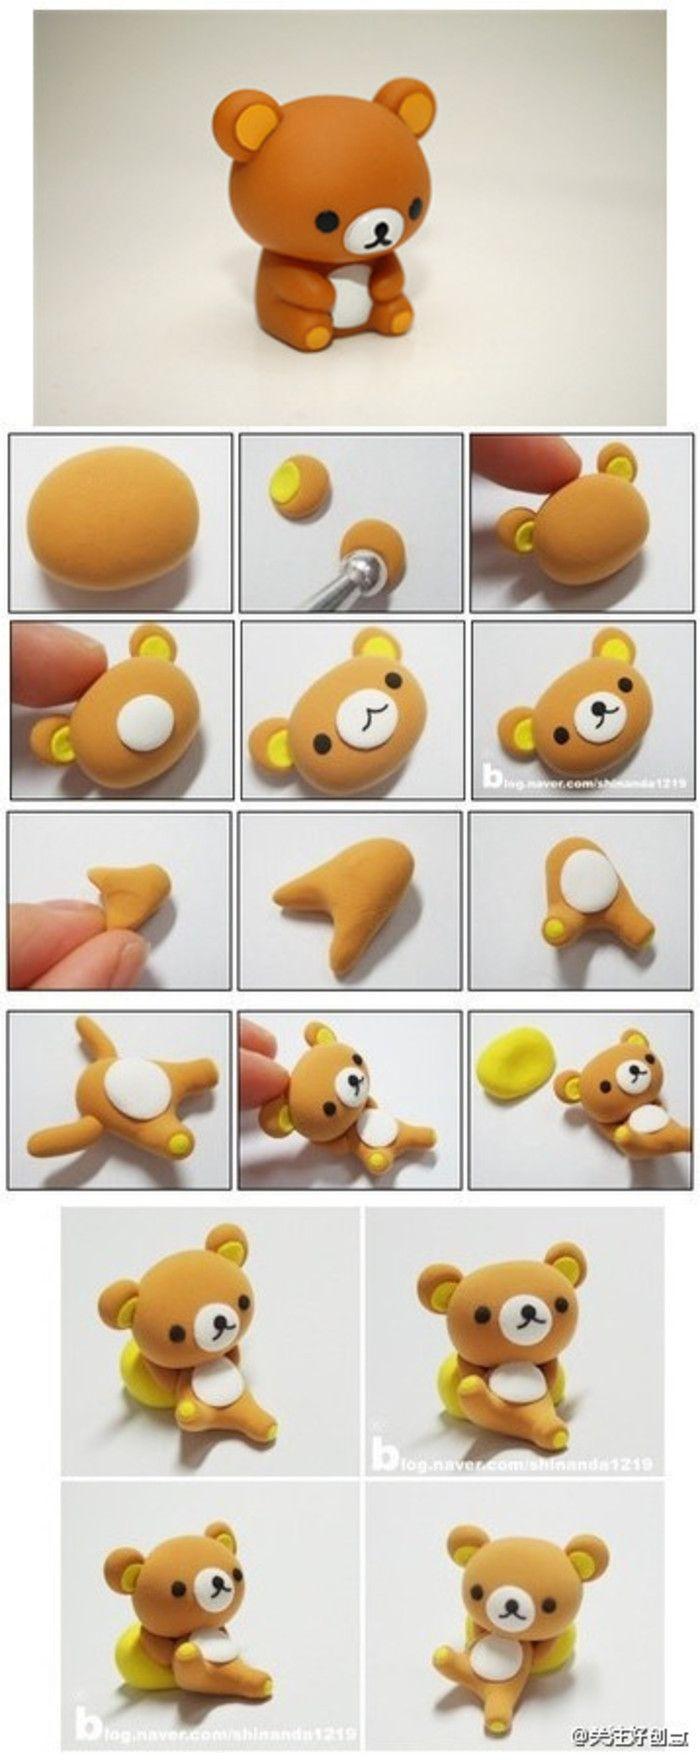 【橡皮泥制作轻松熊】每天看着轻松熊 让心情好起来,有橡皮泥的孩子可以自己做。